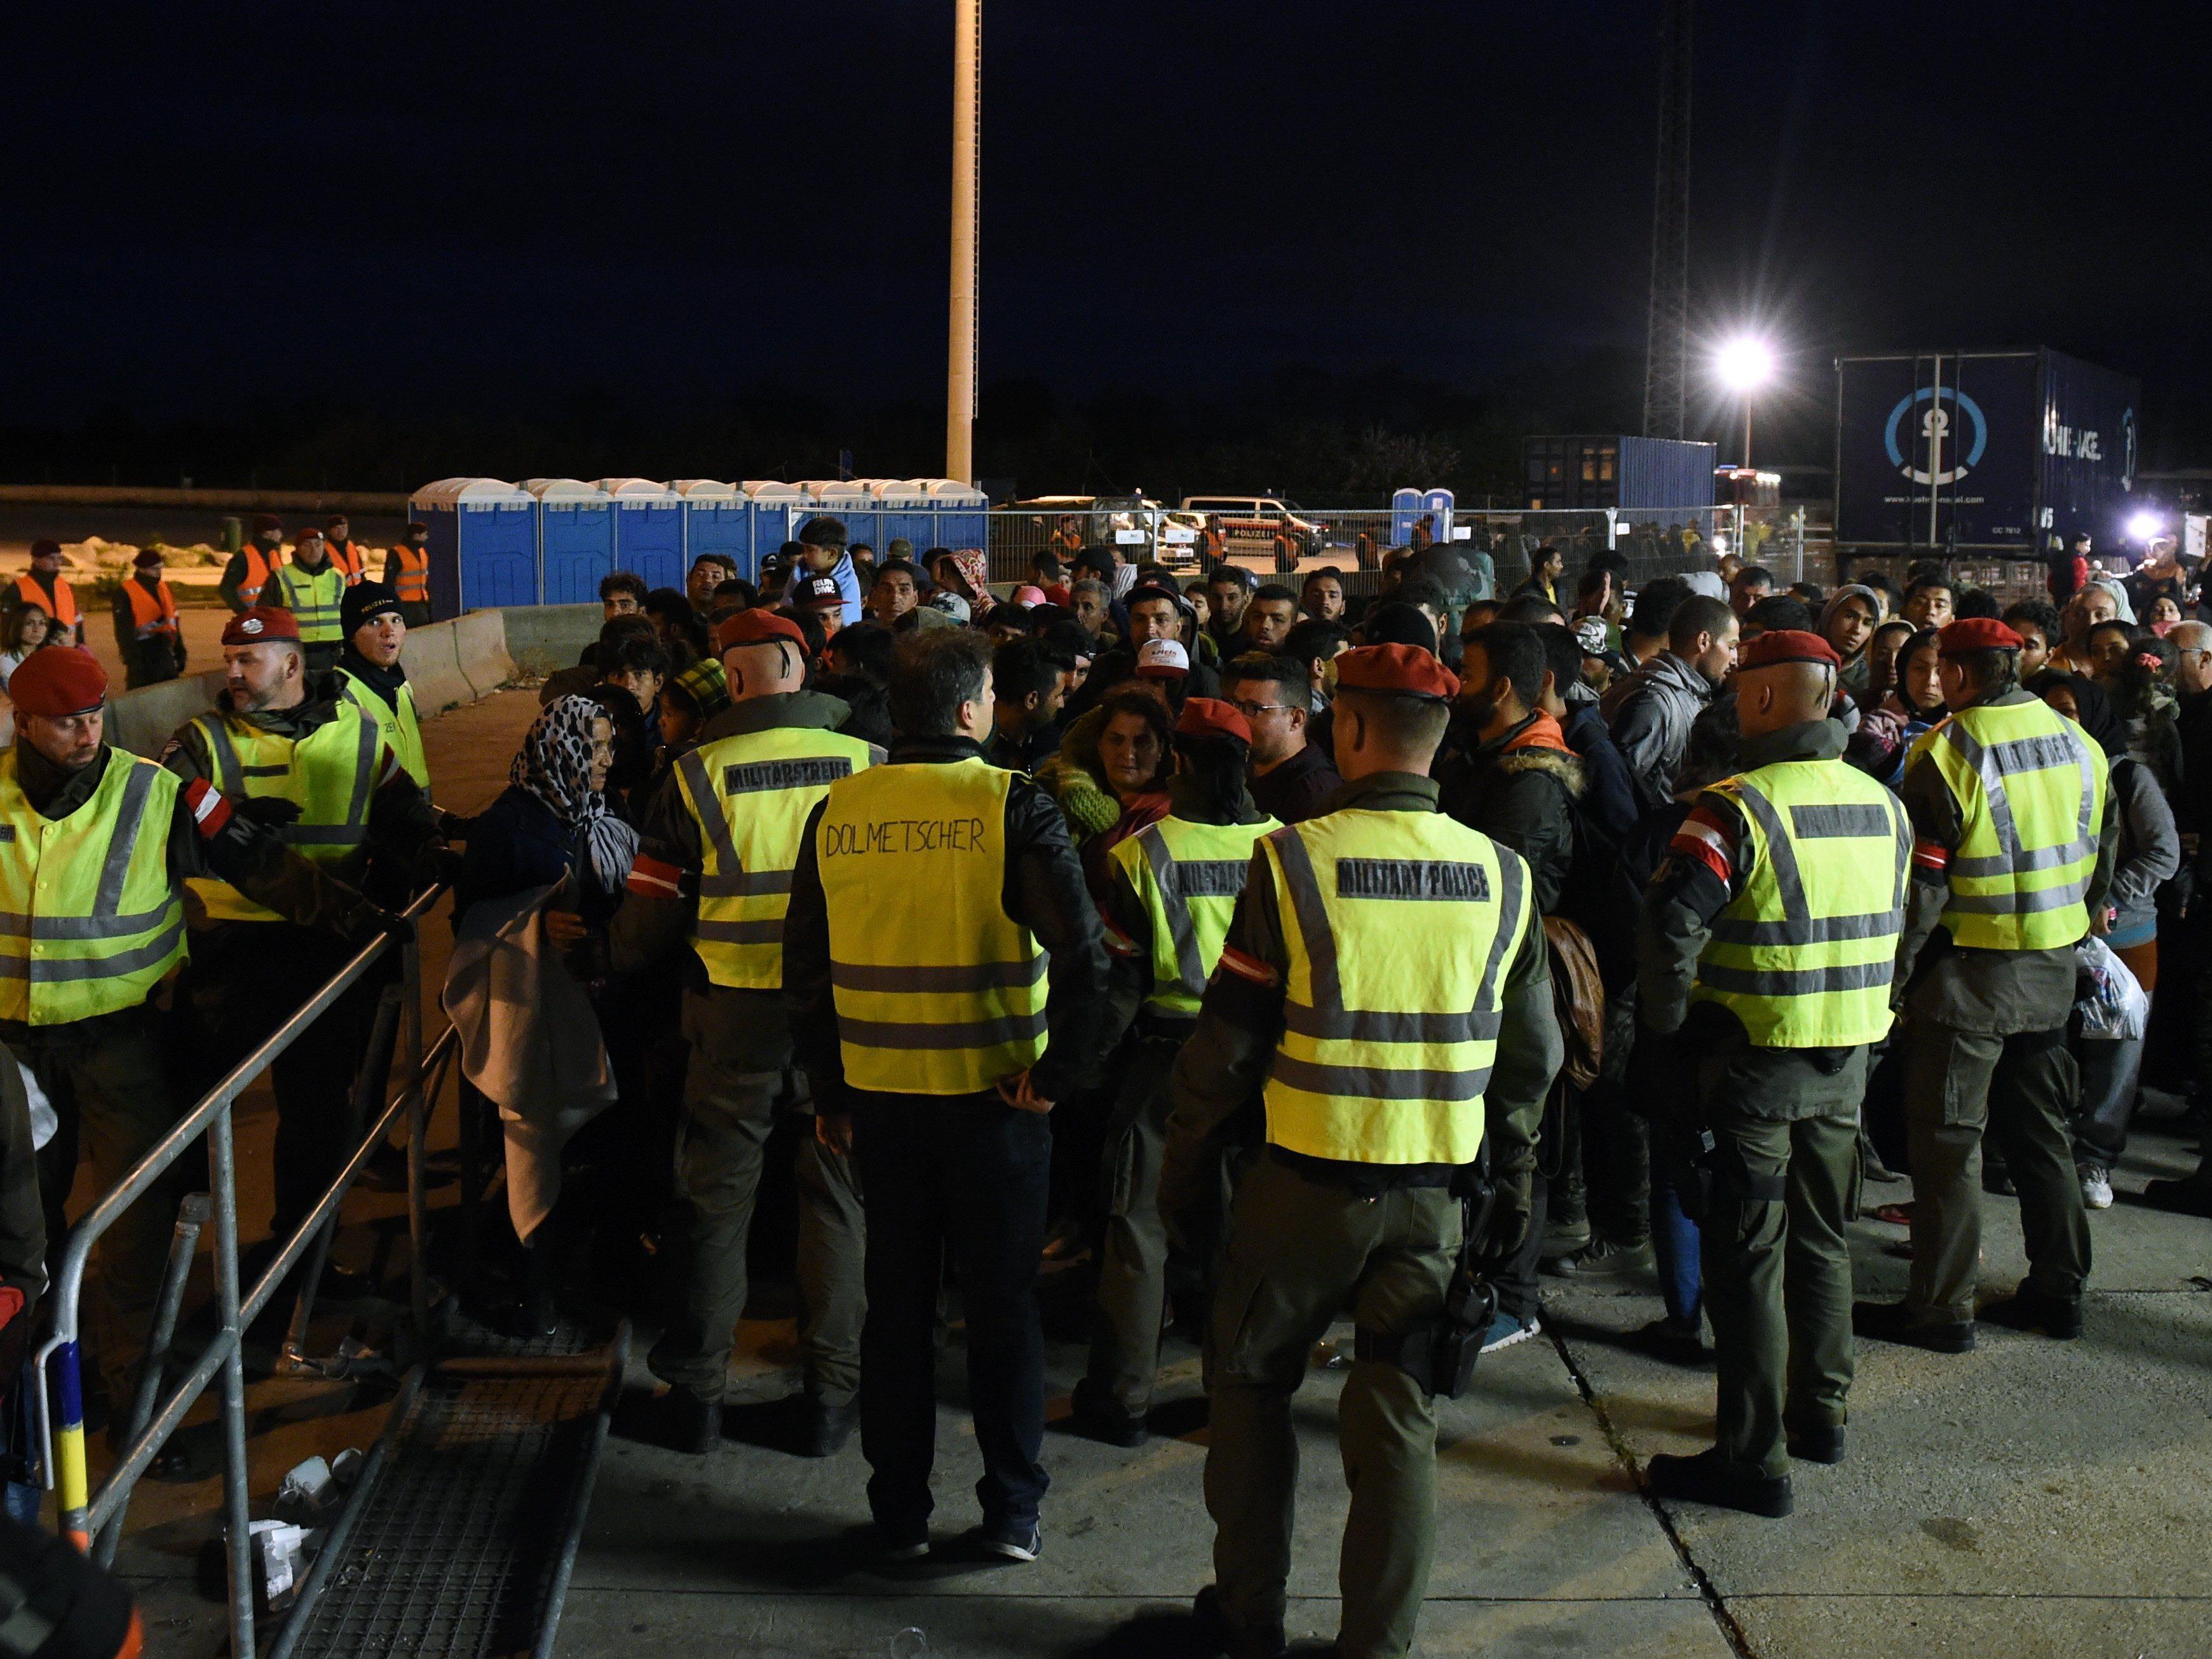 Tausende Flüchtlinge in Österreich angekommen